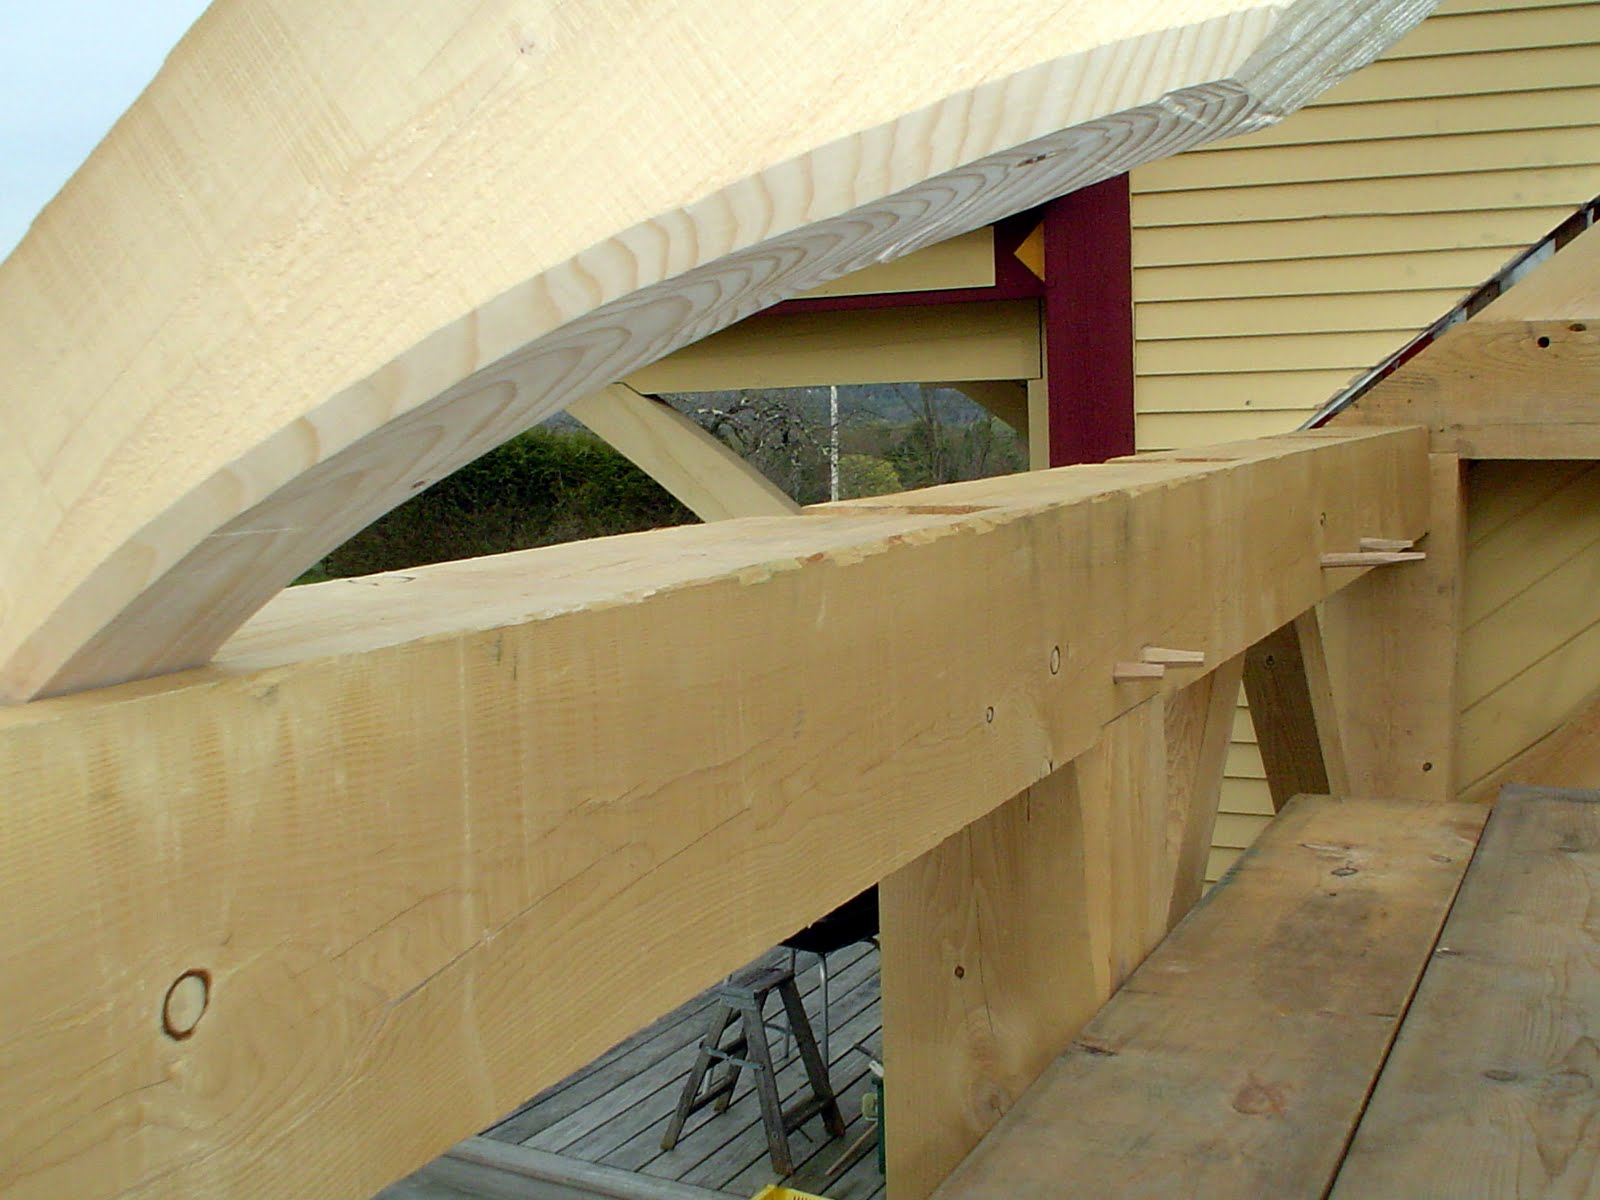 View through an adze swept rafter.